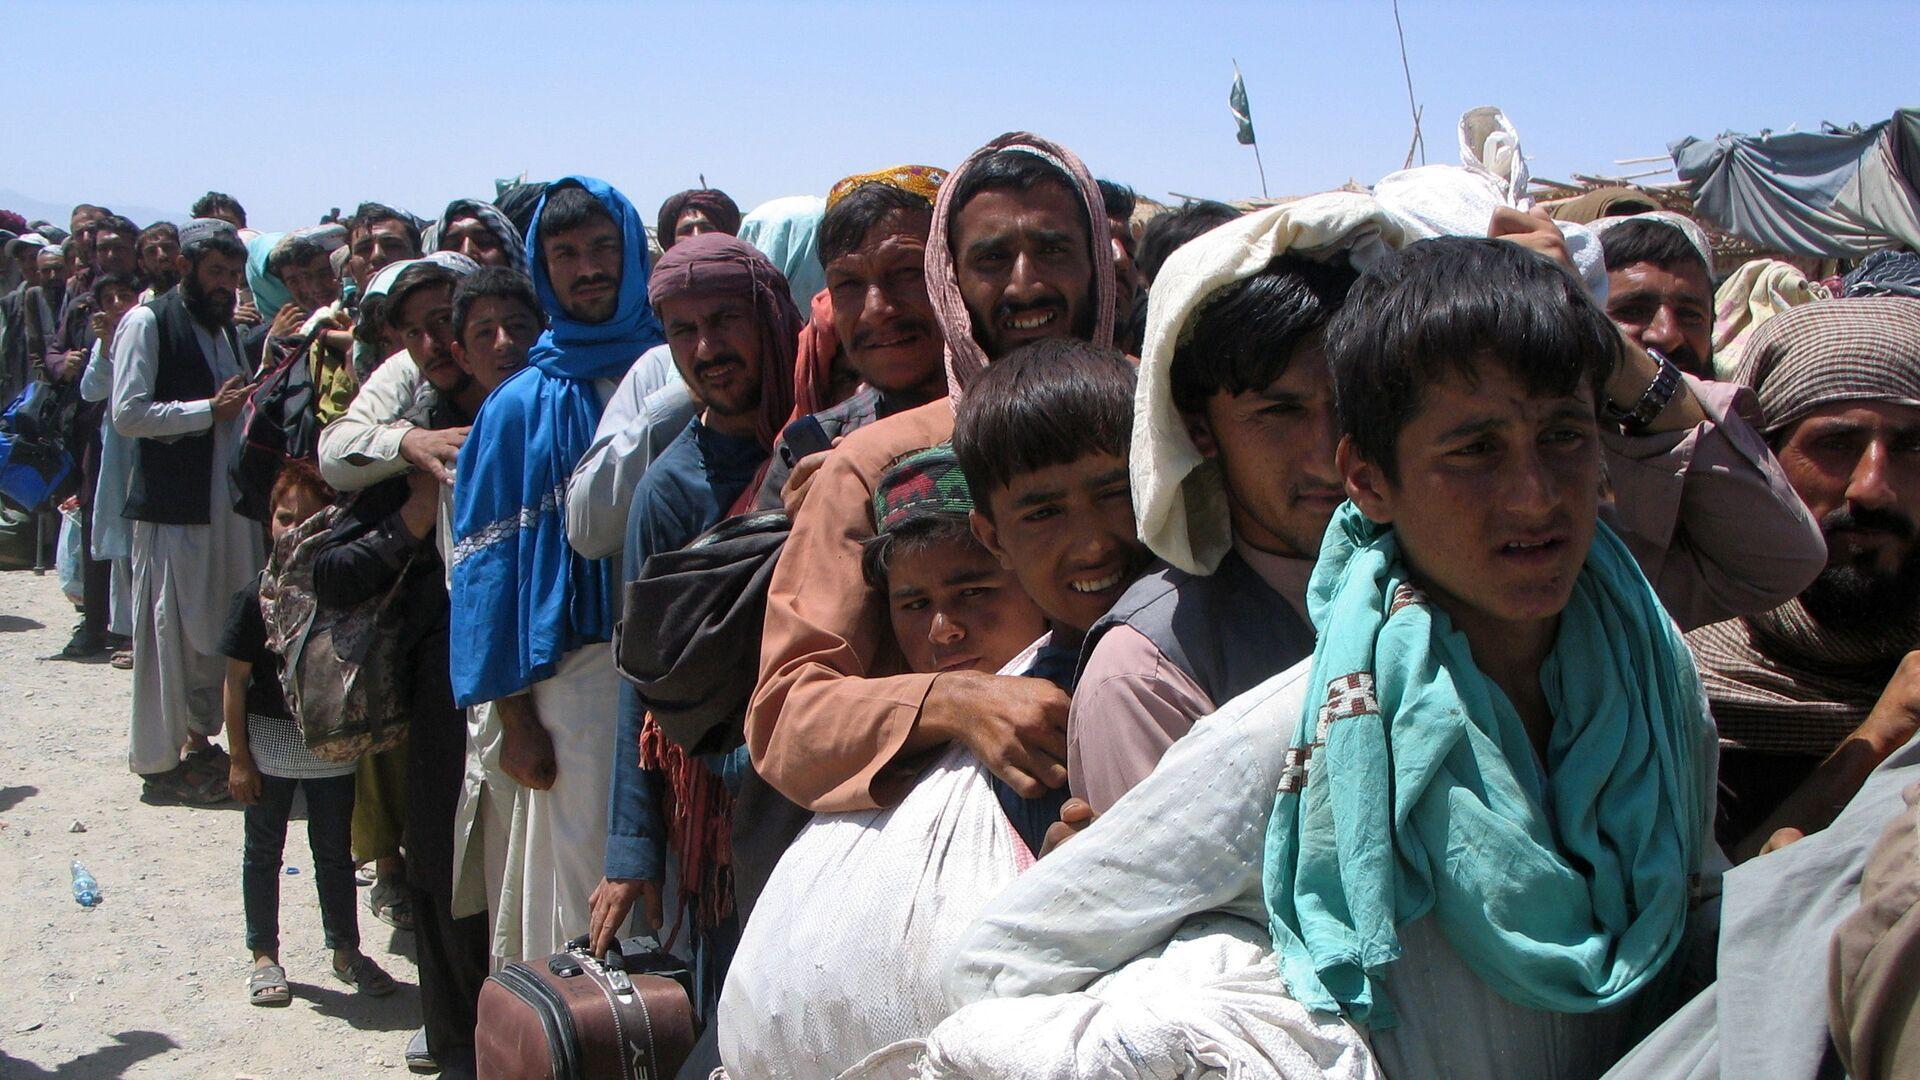 Nhóm người trước trạm kiểm soát Cổng Tình bạn ở Chaman, thị trấn biên giới Pakistan-Afghanistan,  Pakistan - Sputnik Việt Nam, 1920, 08.10.2021